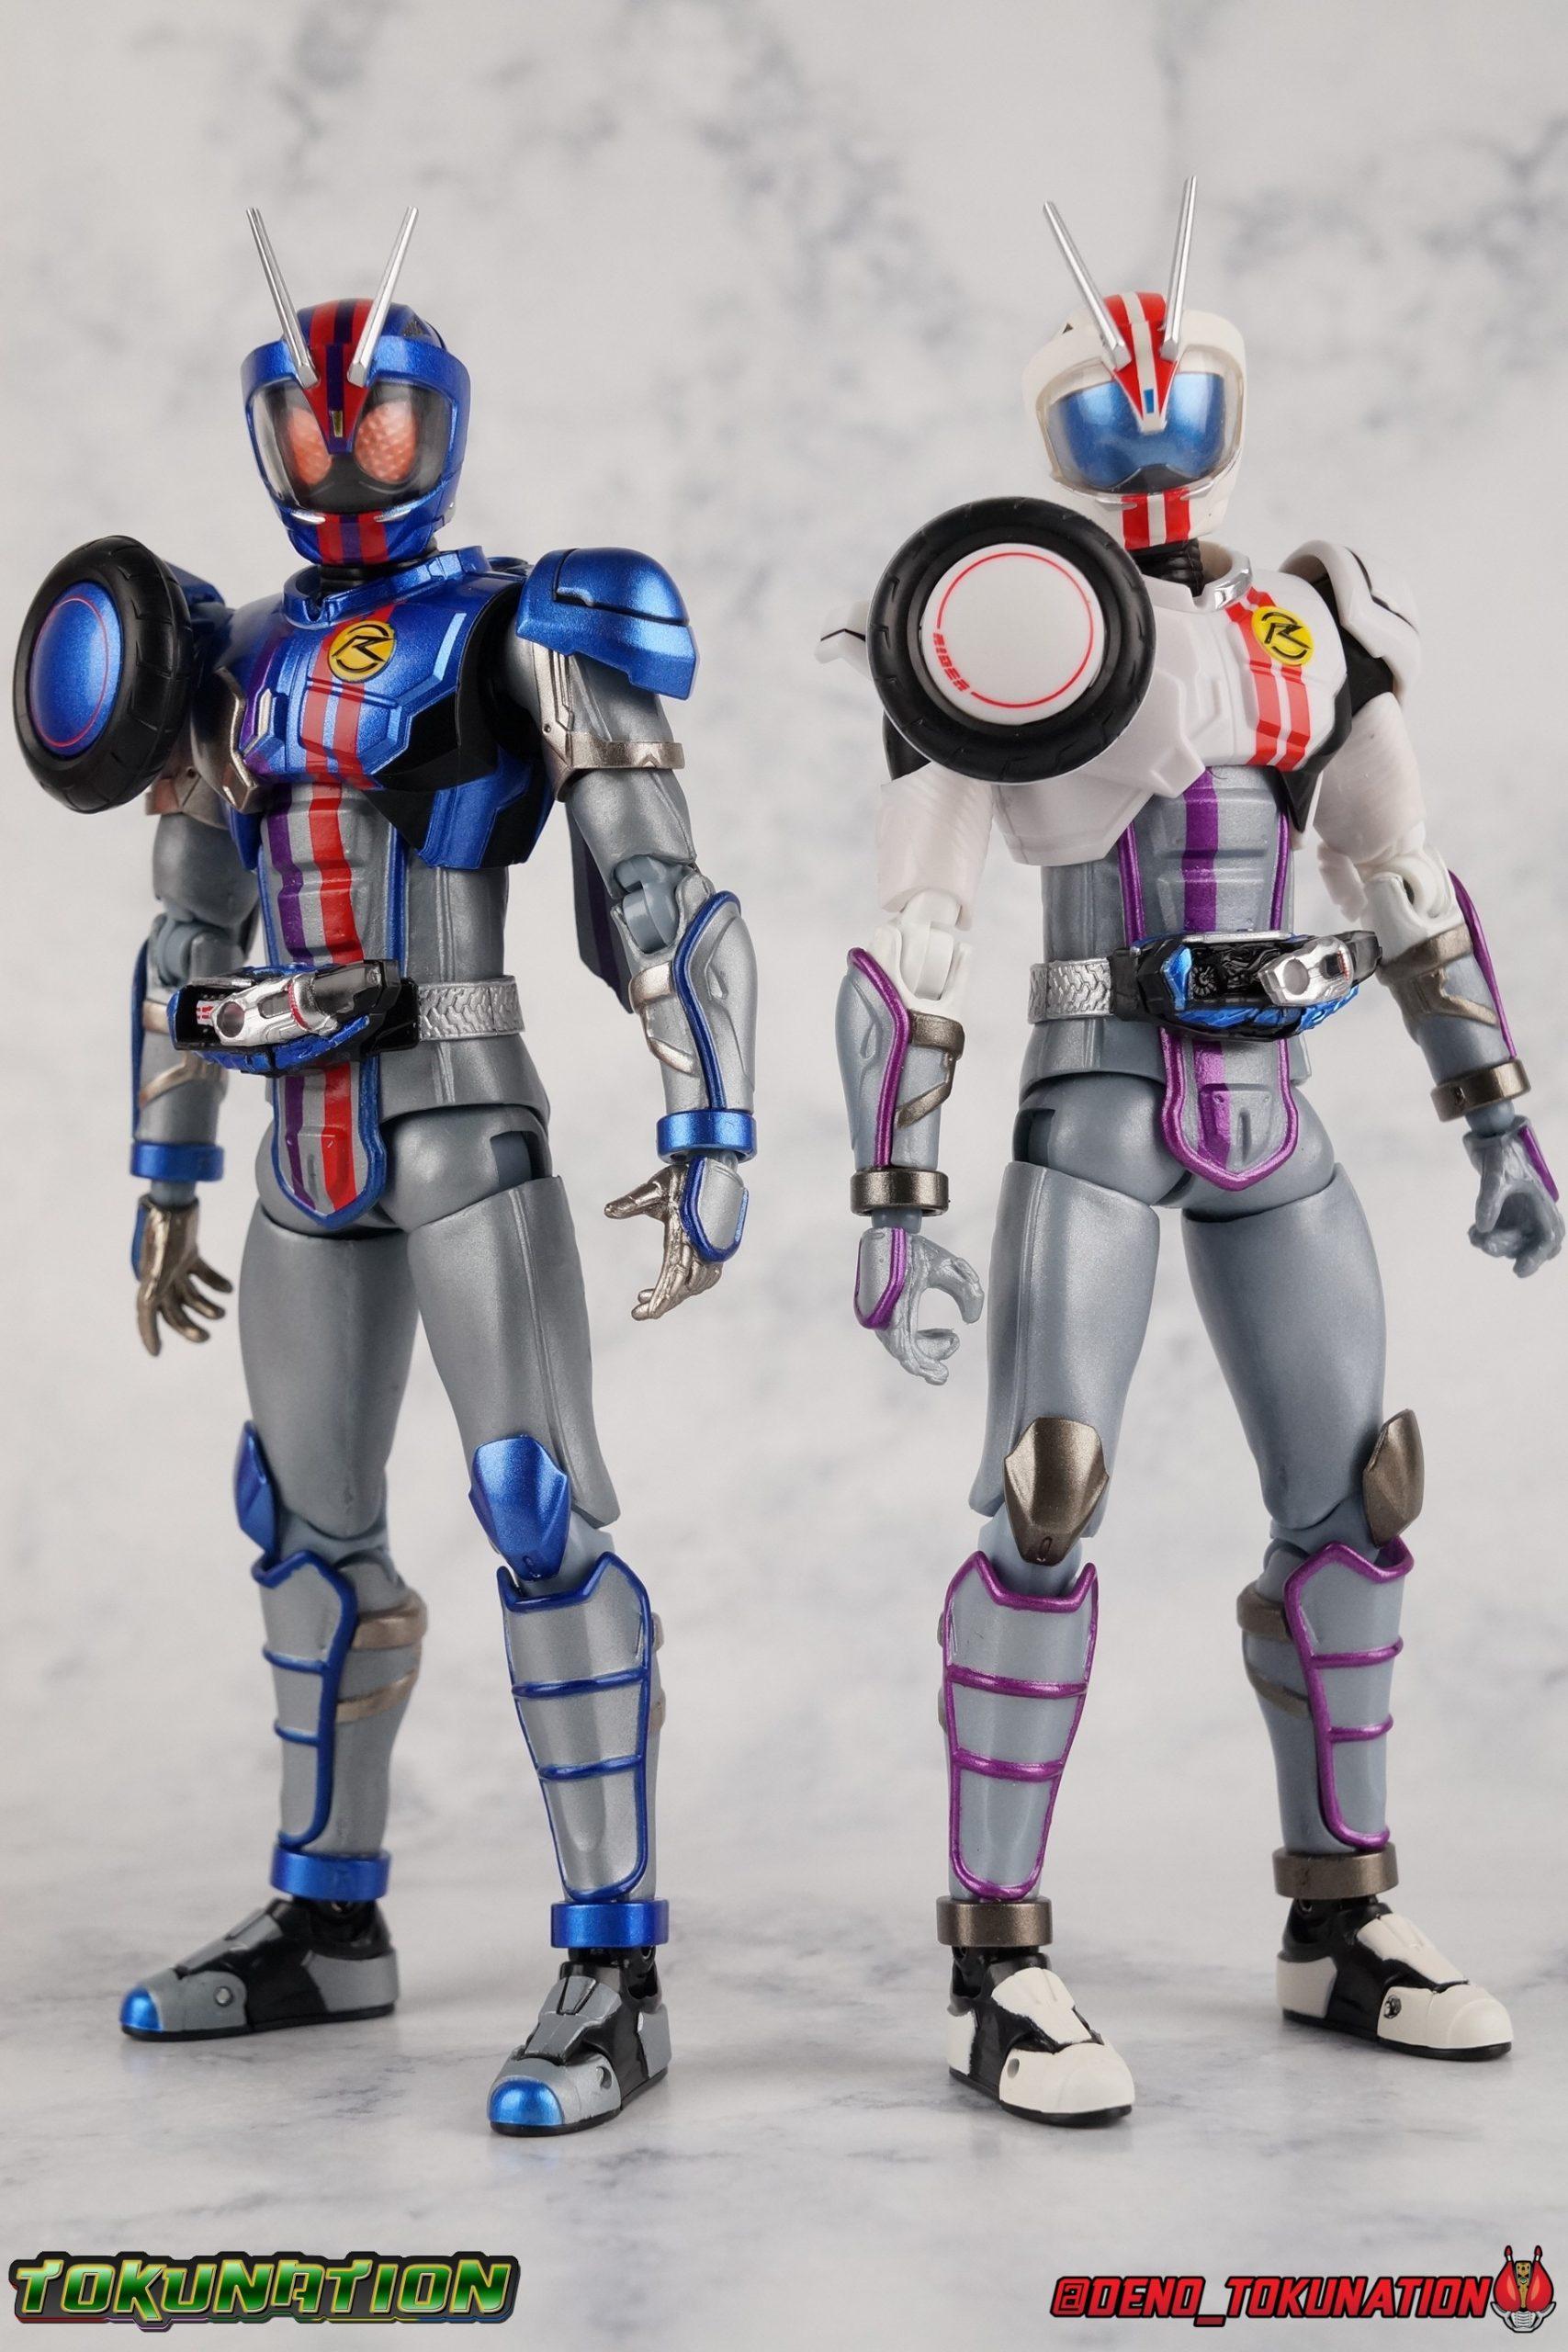 Sh Figuarts Kamen Rider Mach Chaser 037